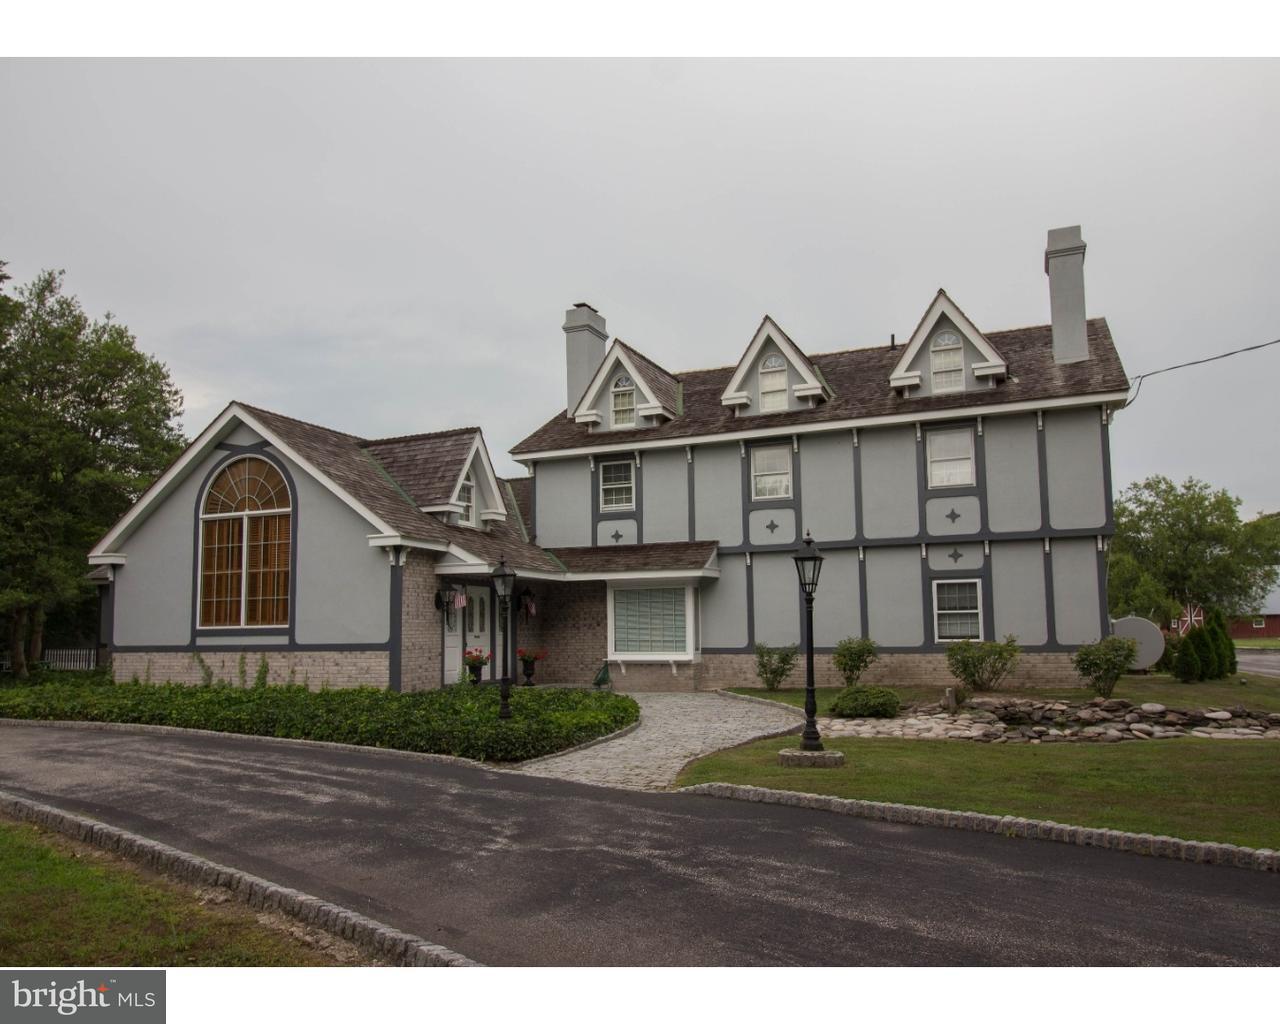 Maison unifamiliale pour l Vente à 859 COLES MILL Road Williamstown, New Jersey 08094 États-UnisDans/Autour: Monroe Township